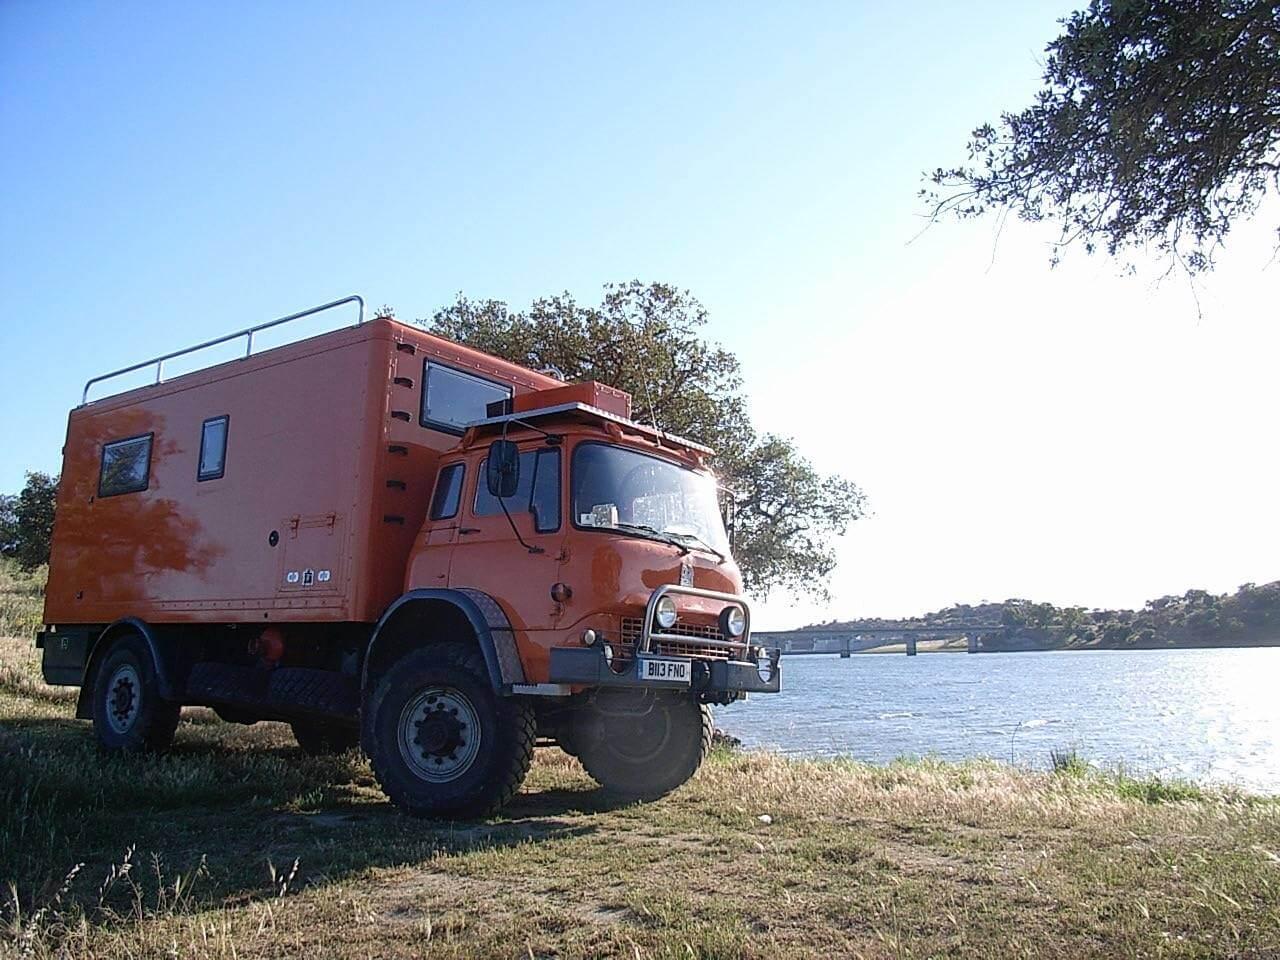 bob big orange bedford truck for sale expedition vehicles for sale. Black Bedroom Furniture Sets. Home Design Ideas